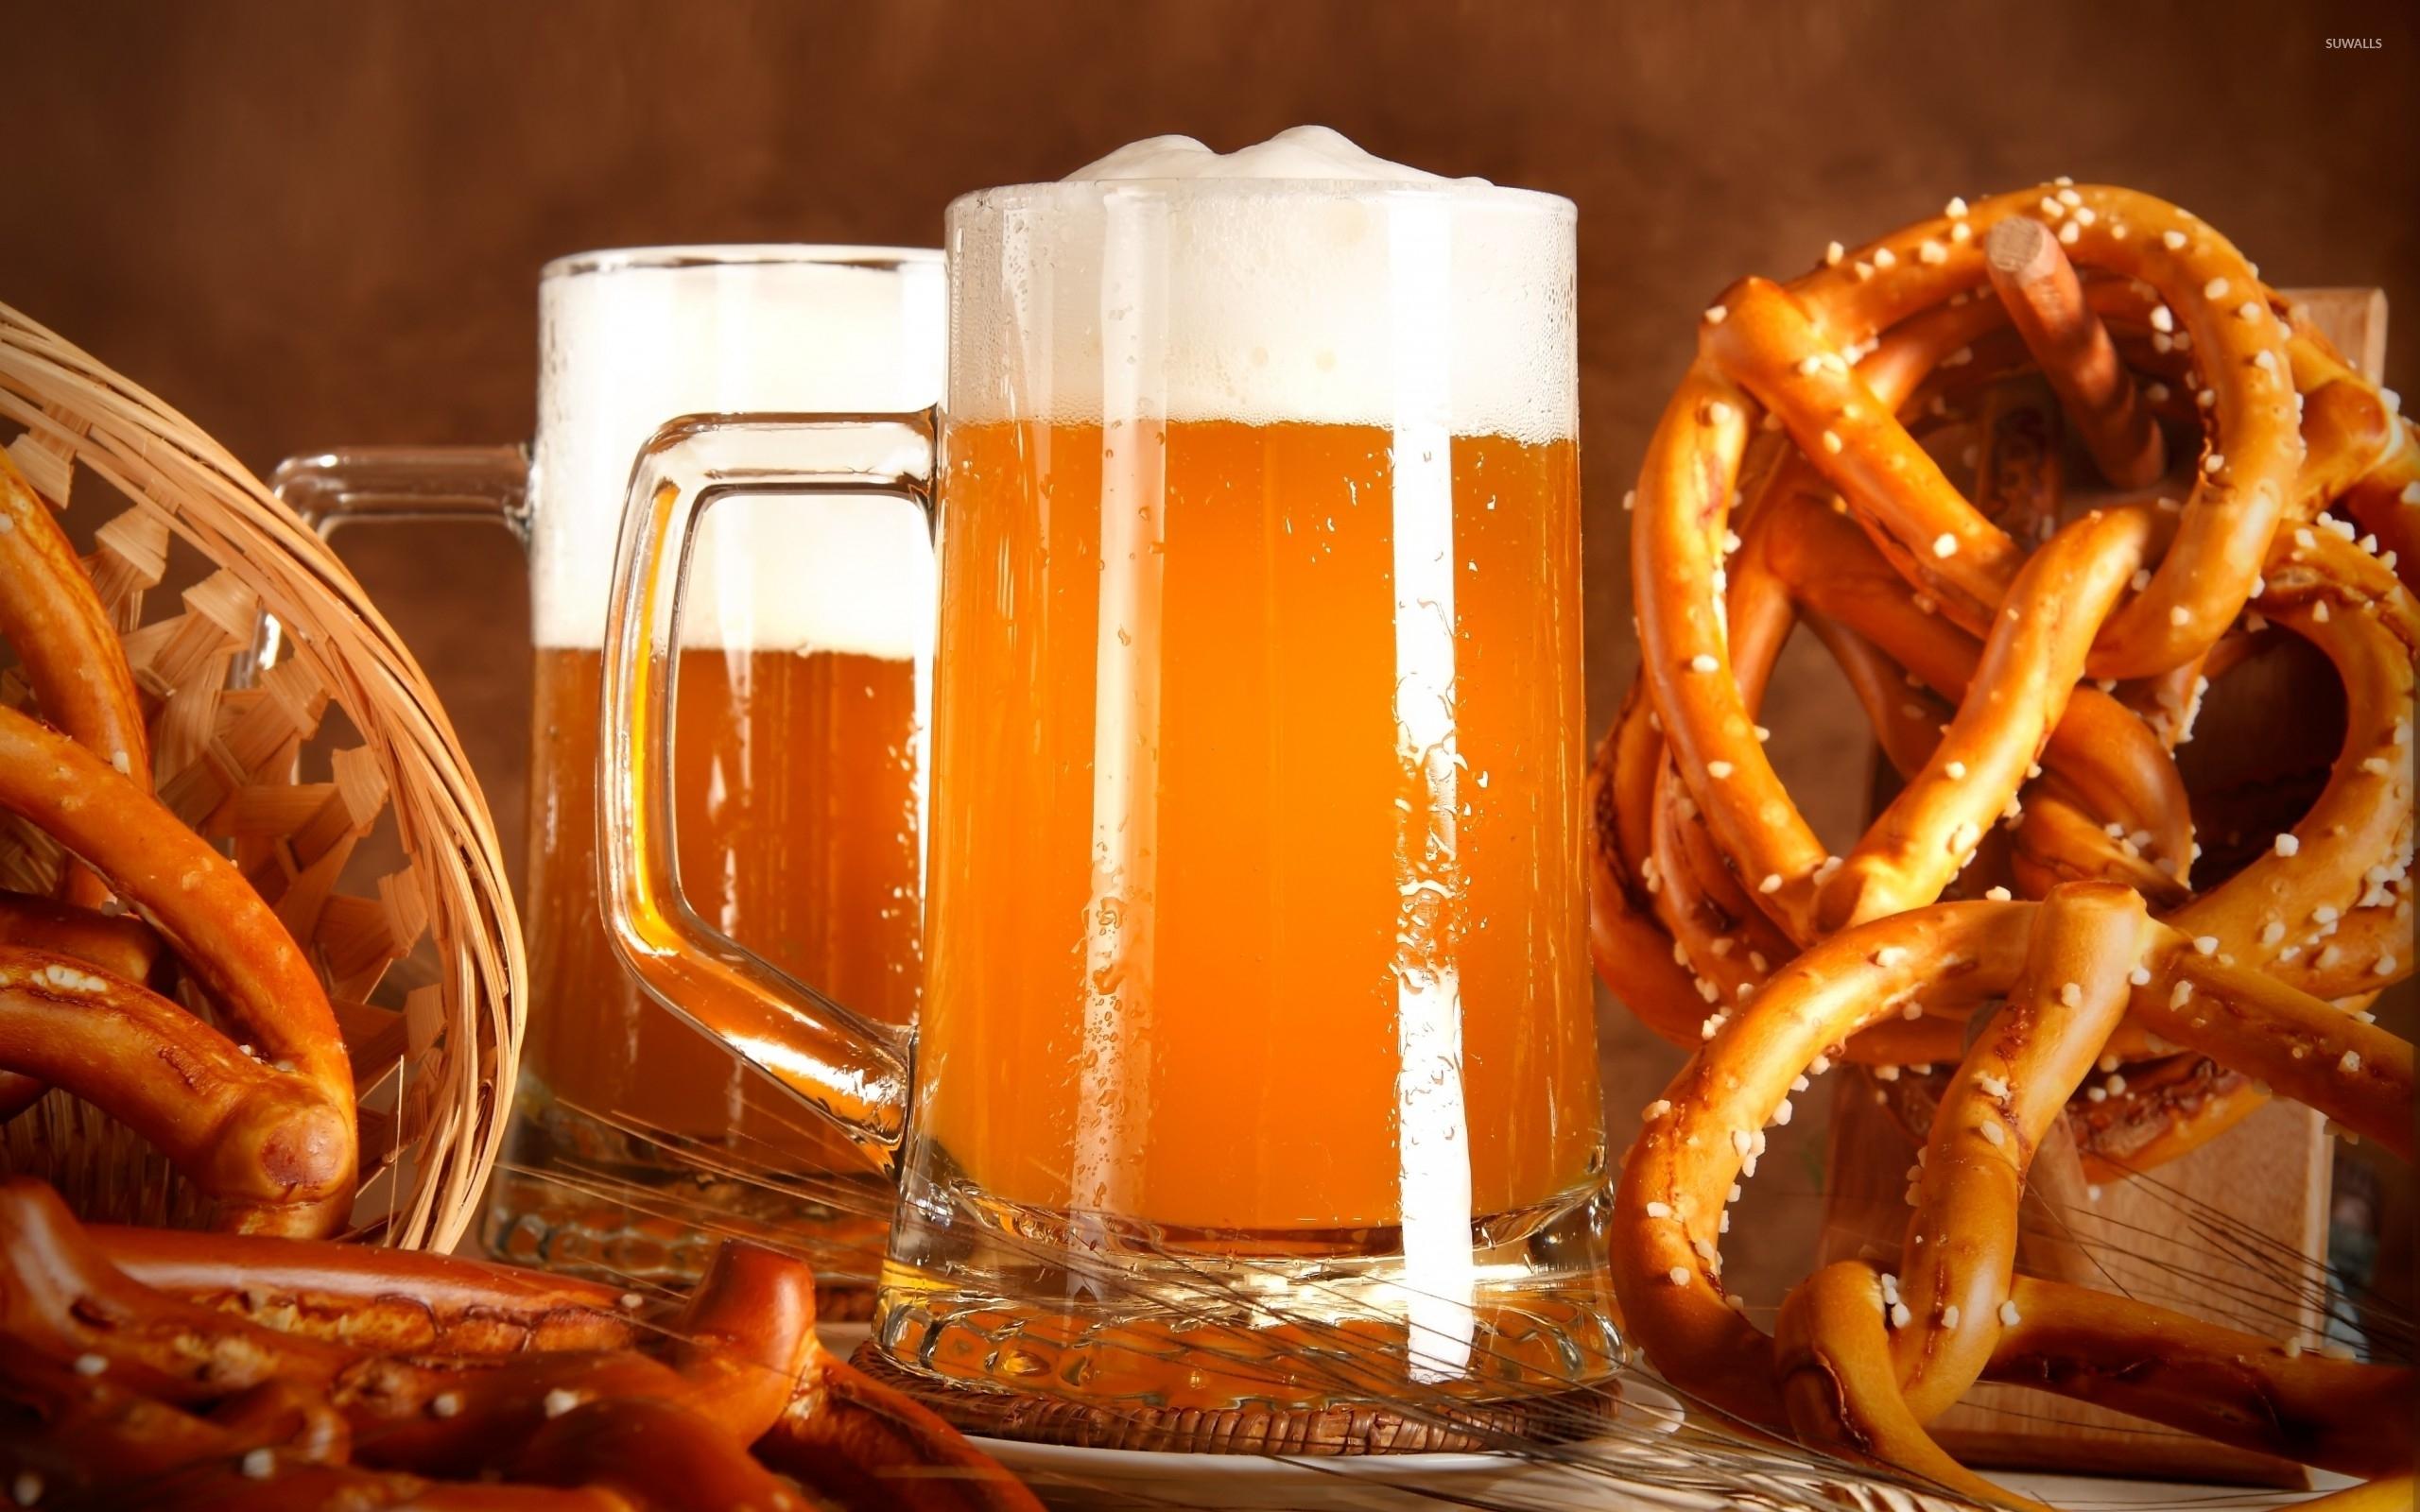 beer-and-pretzels-35806-2560x1600.jpg